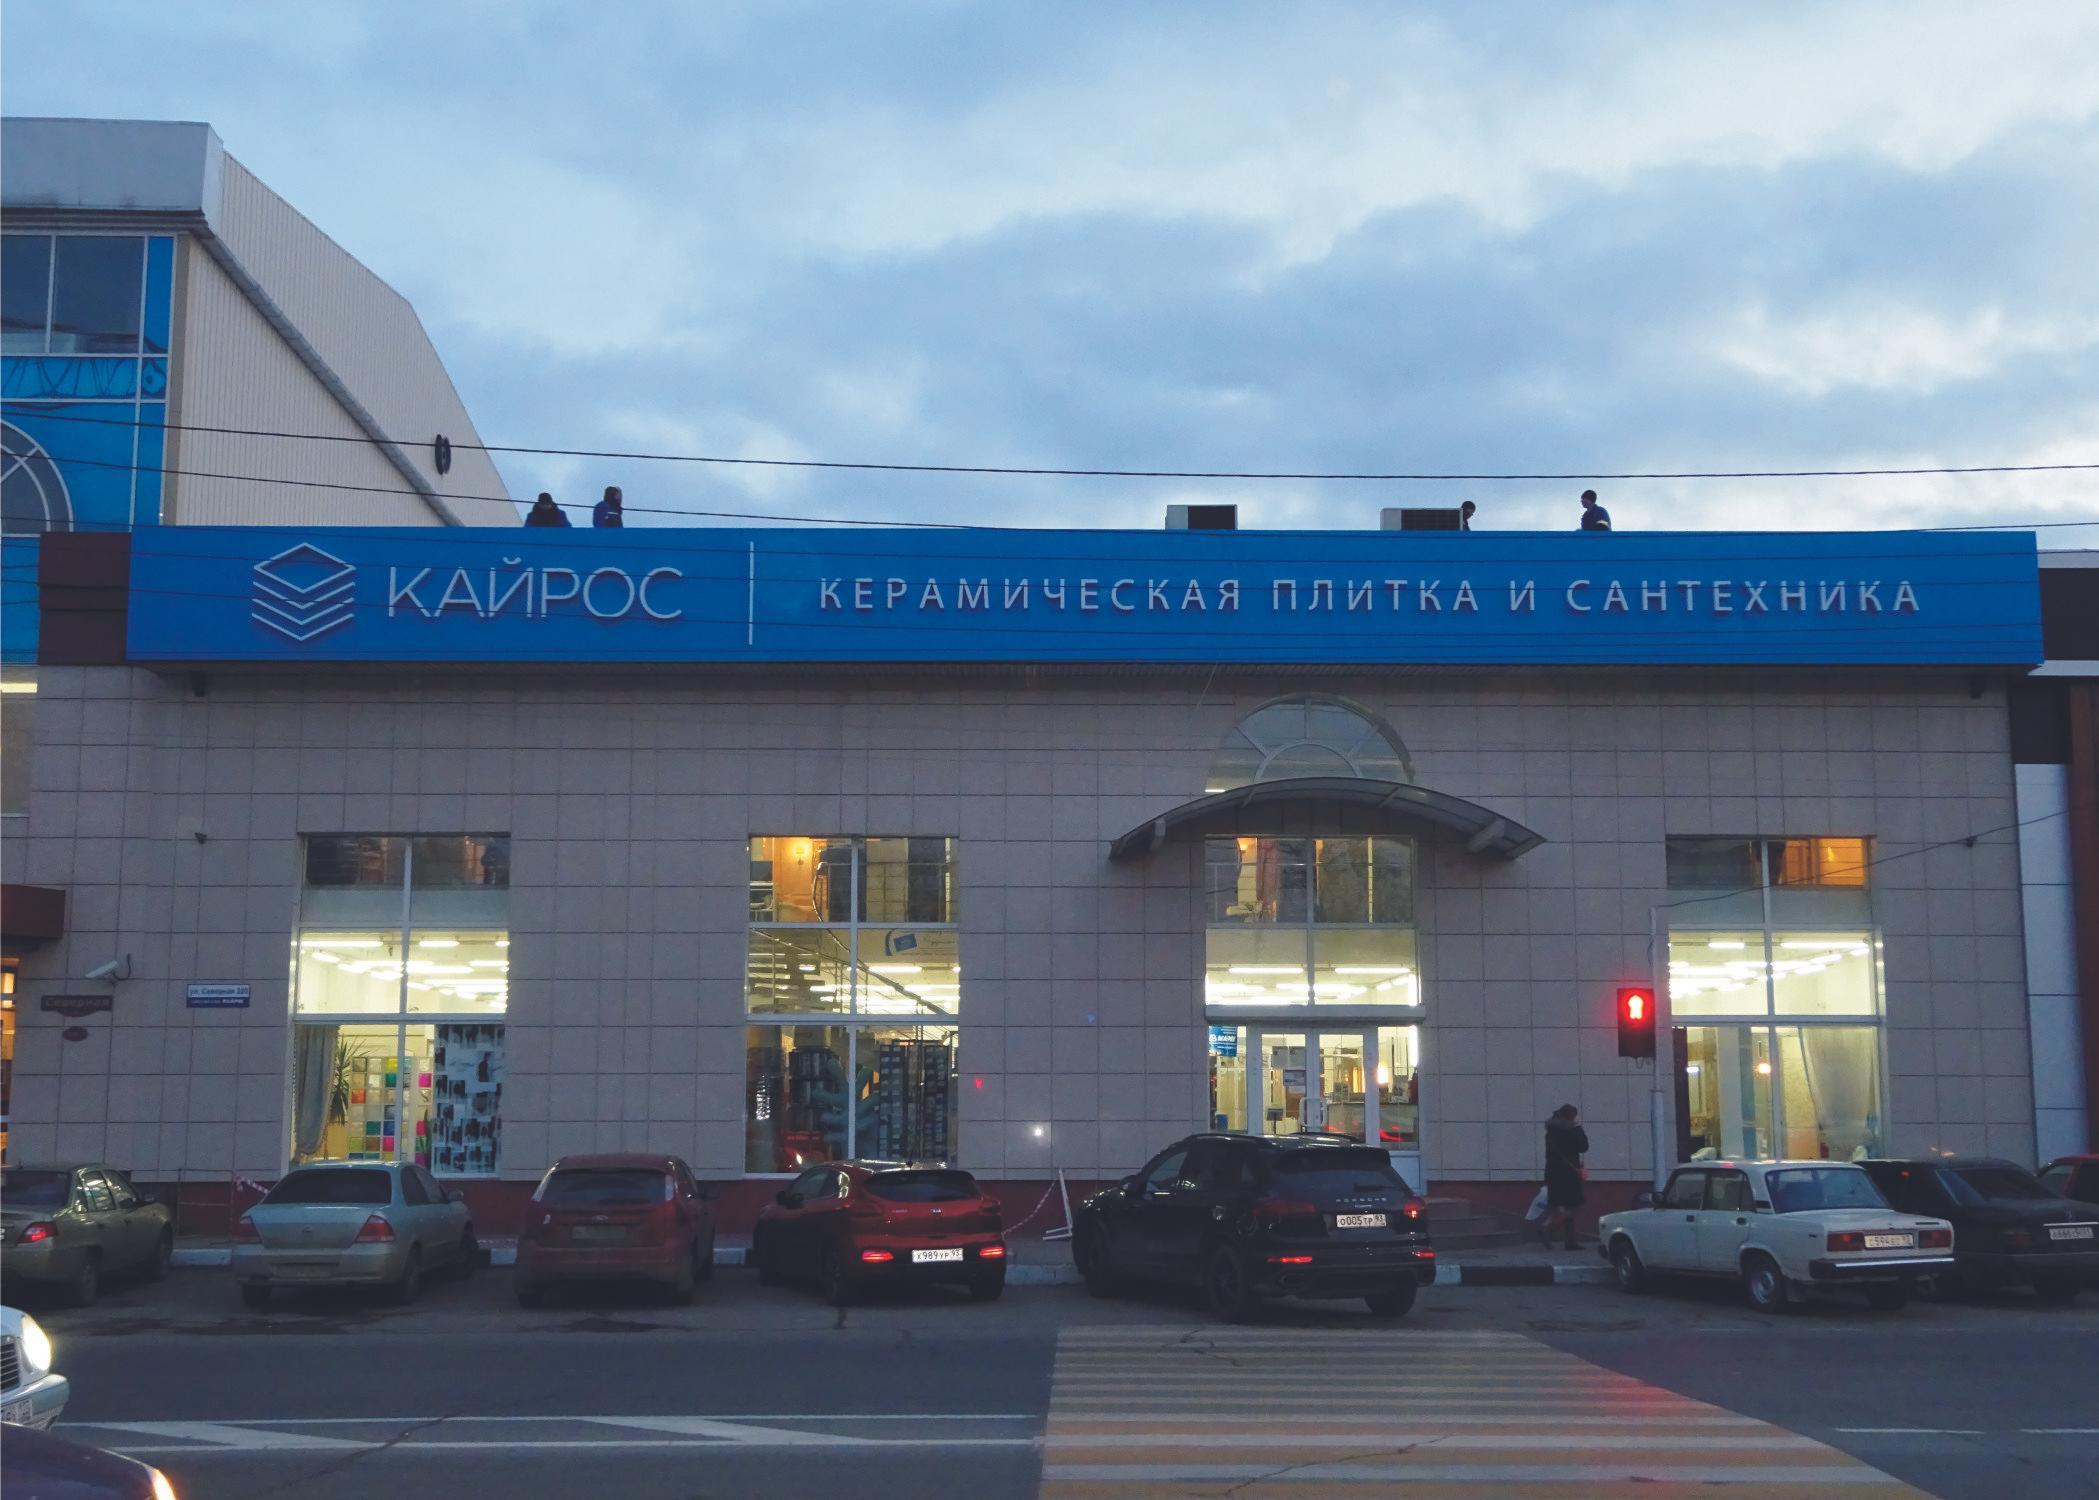 фотография Салона керамической плитки и сантехники Кайрос на Северной улице